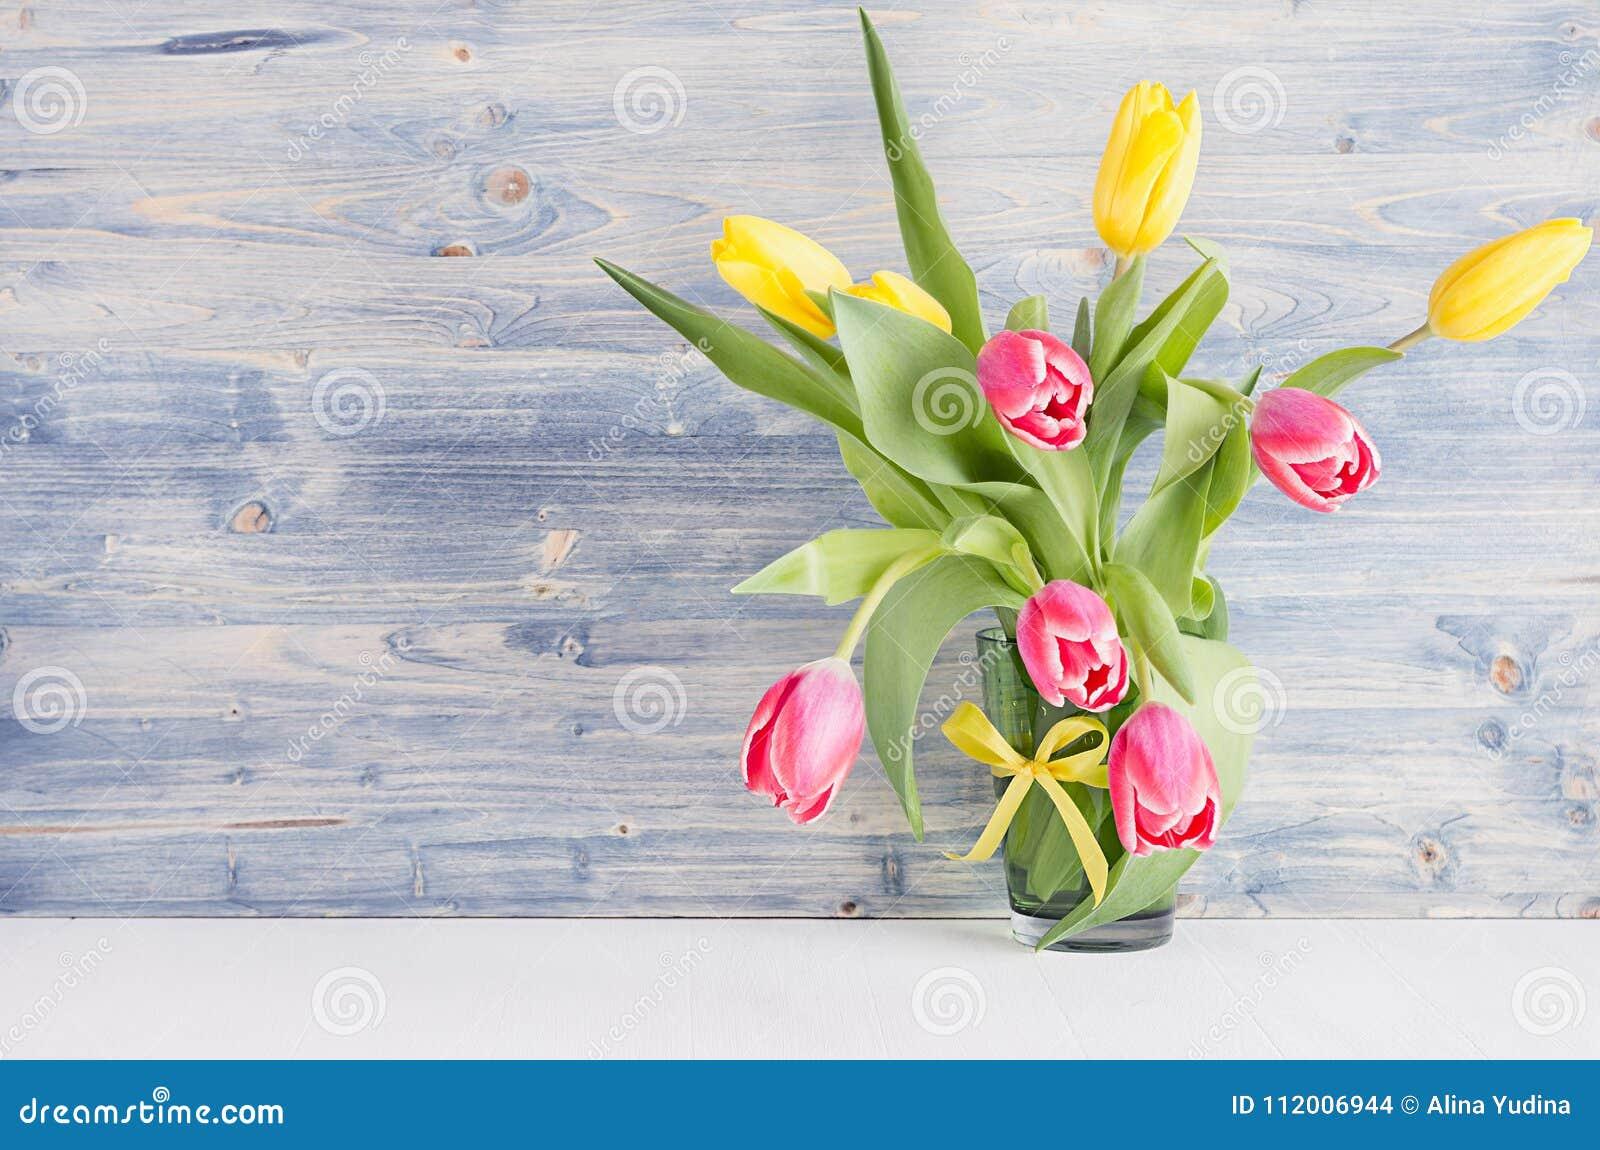 Κίτρινες και κόκκινες τουλίπες στο βάζο στον μπλε shabby κομψό ξύλινο πίνακα Υπόβαθρο άνοιξη Απριλίου, εγχώριο εσωτερικό, ντεκόρ